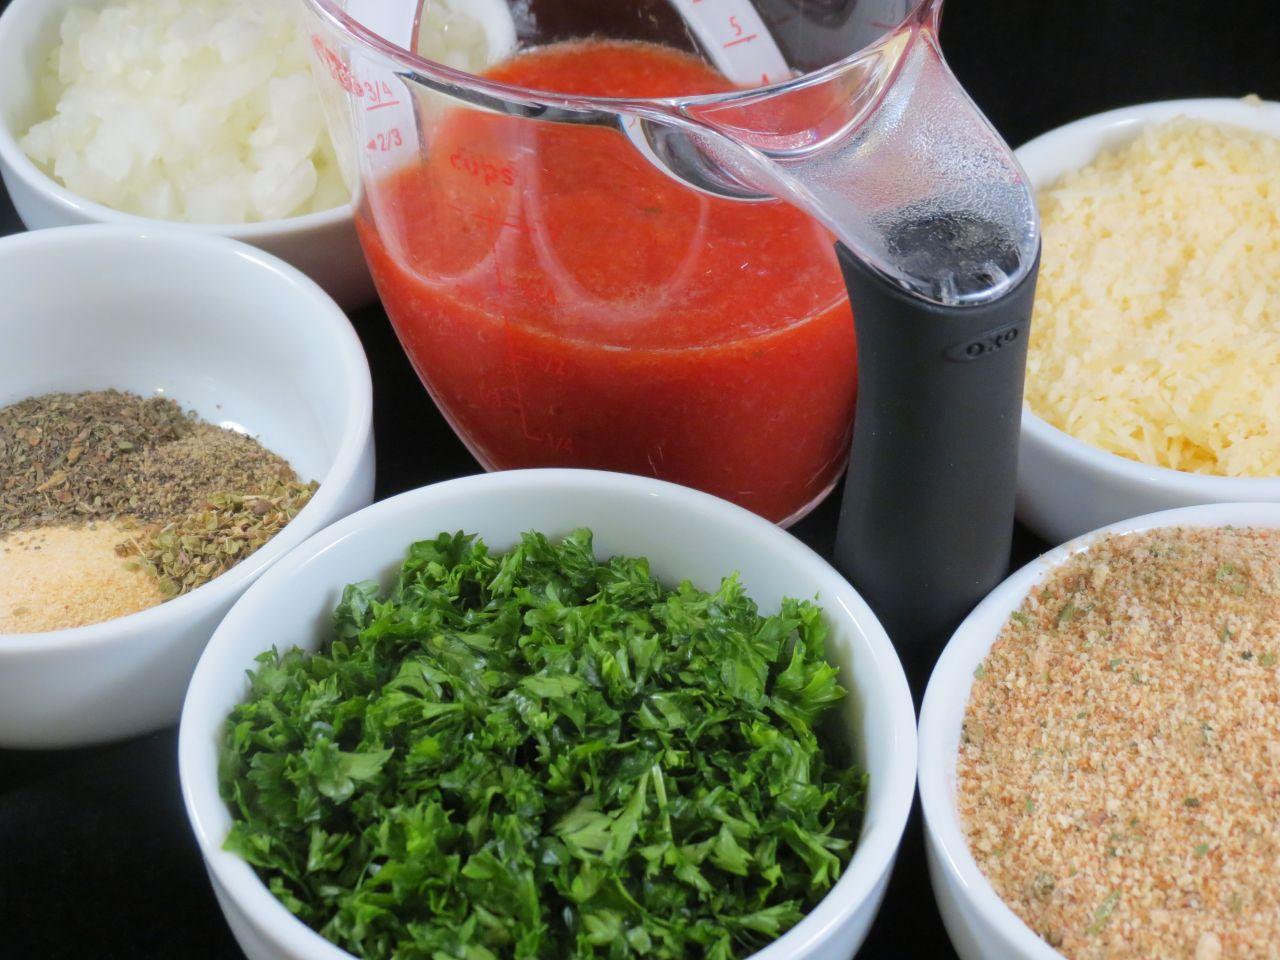 Italian Style Meatloaf Ingredients